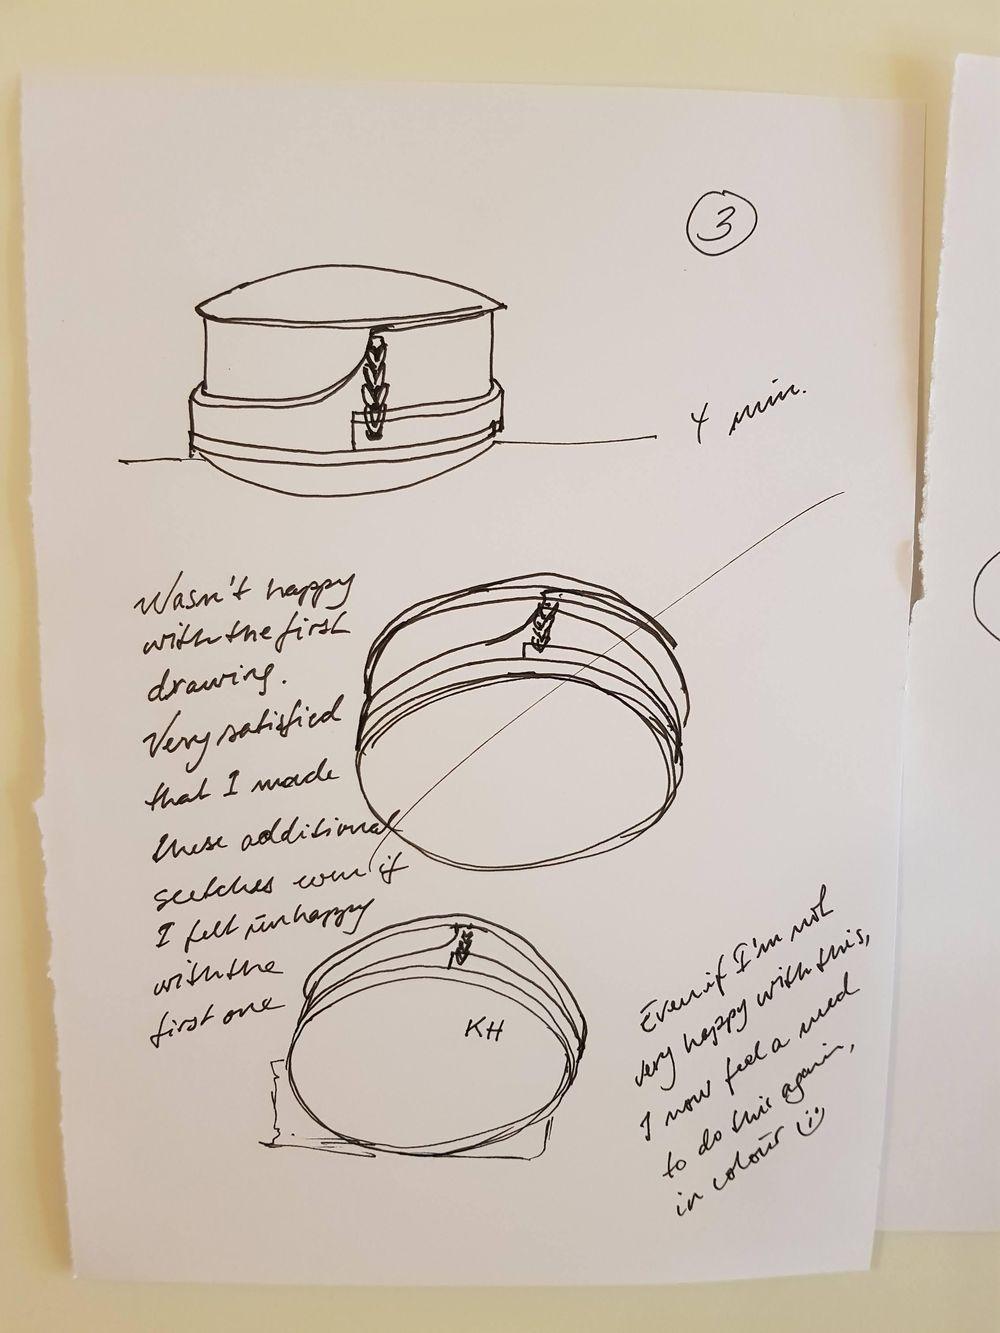 Daglig 6 min 14 dager tegnetrening - image 7 - student project